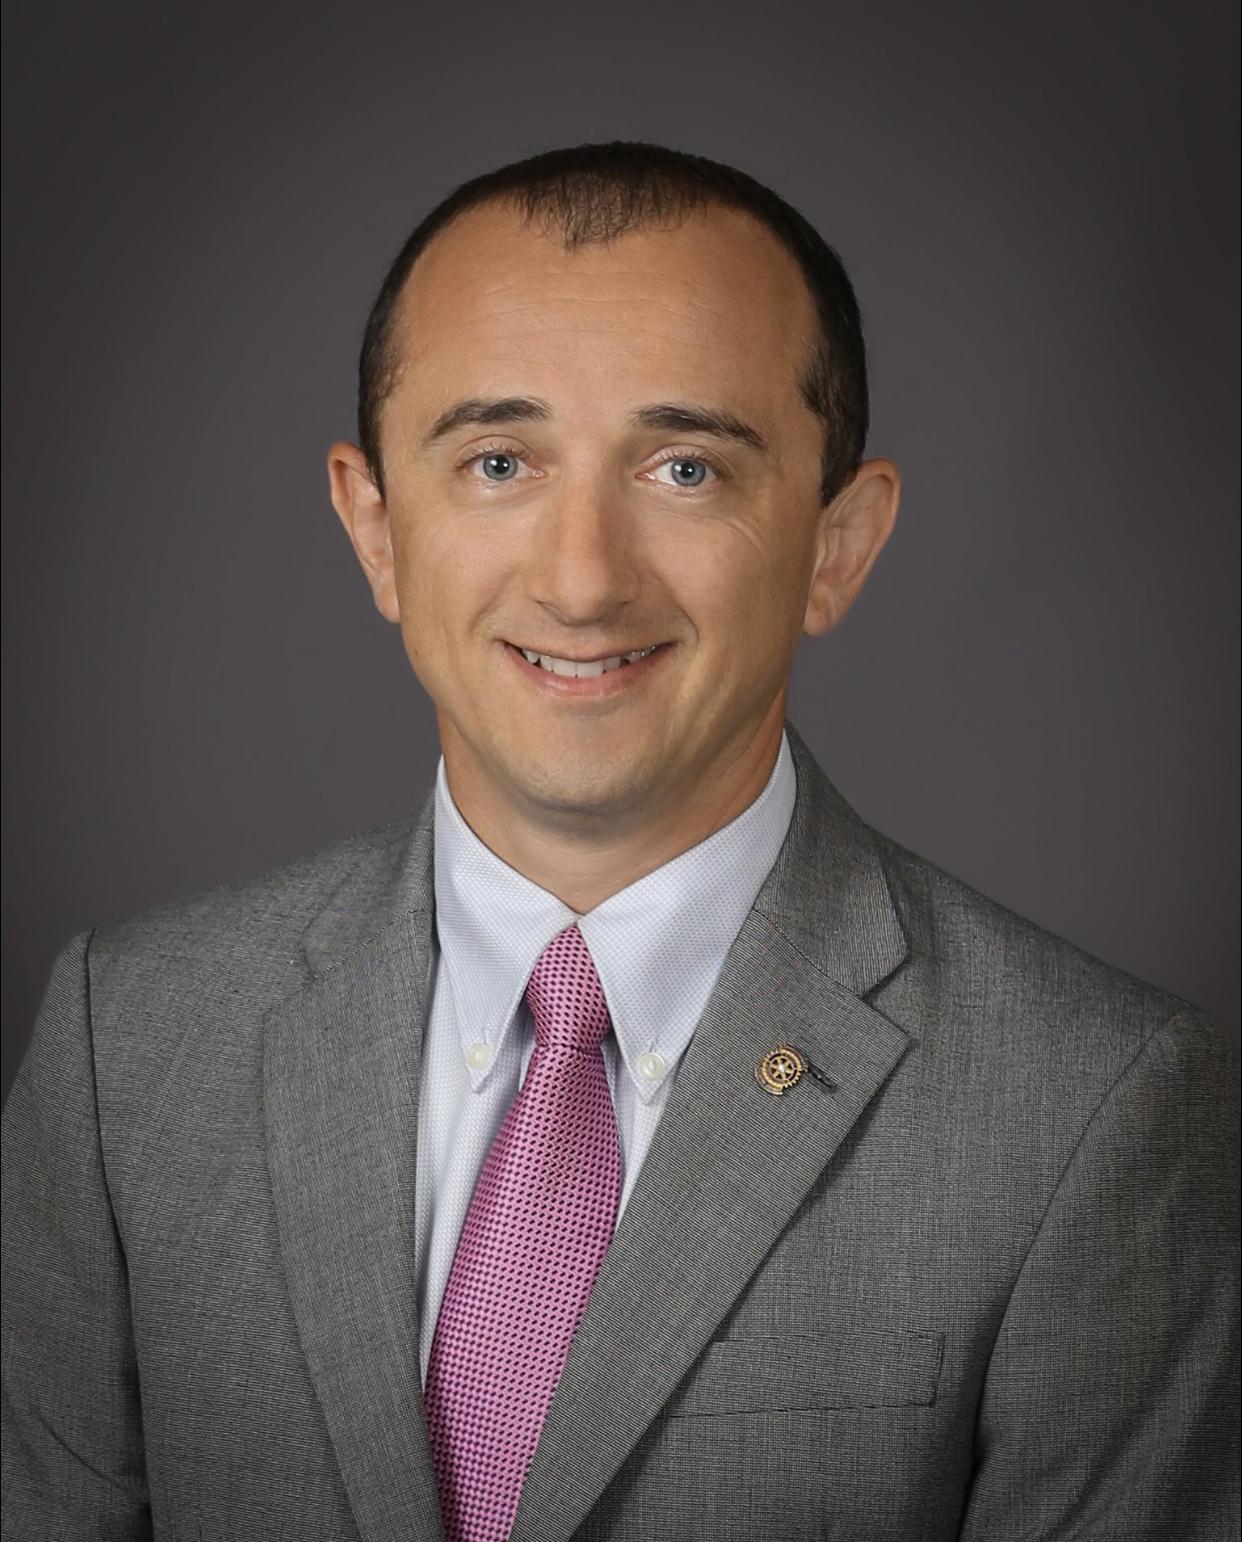 Michael Mezheritskiy